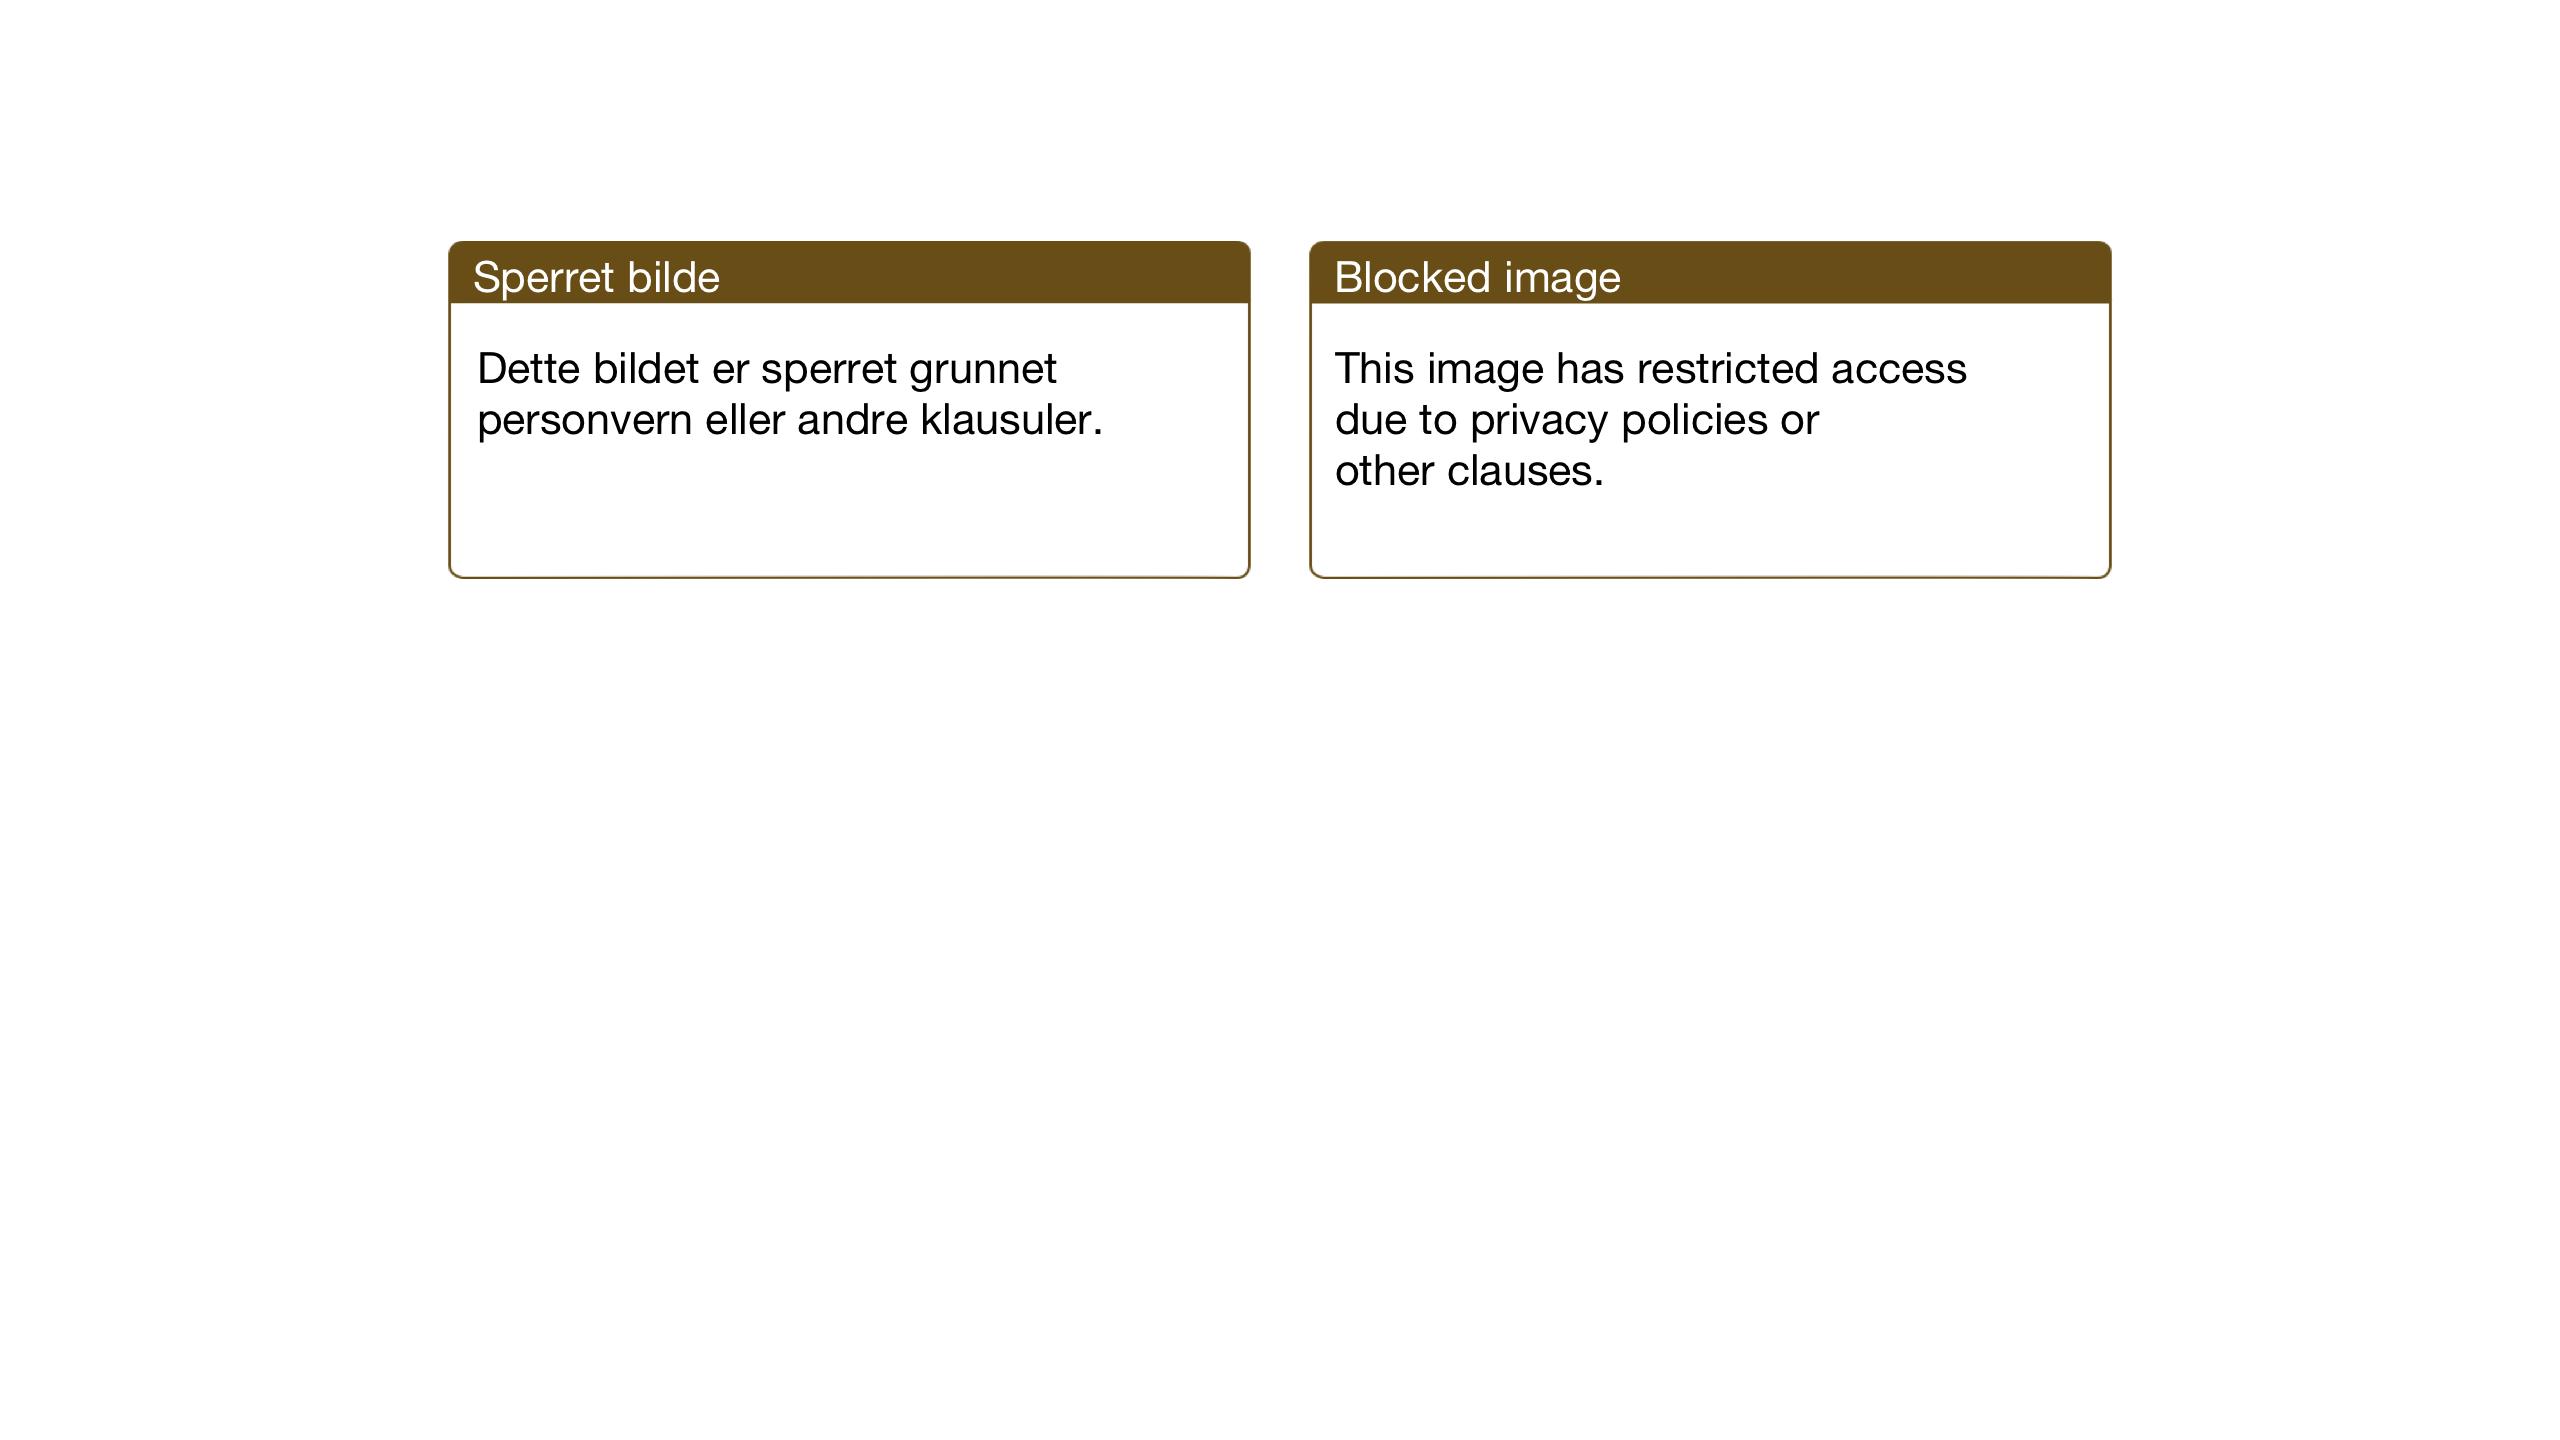 SAT, Ministerialprotokoller, klokkerbøker og fødselsregistre - Nord-Trøndelag, 709/L0089: Klokkerbok nr. 709C03, 1935-1948, s. 91